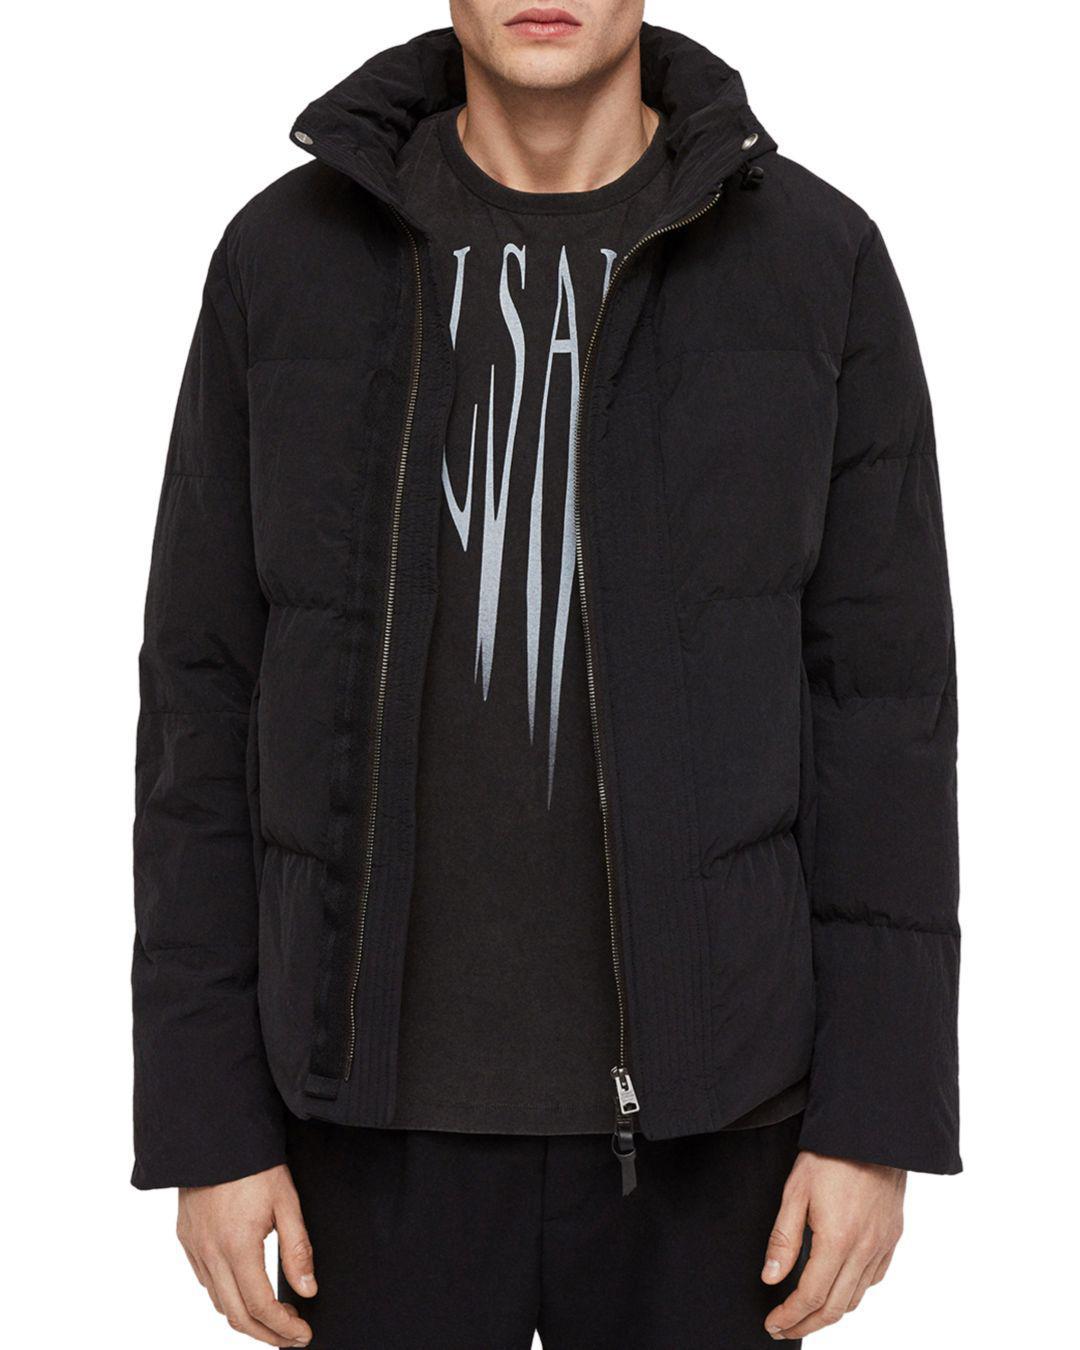 ea77b41c96 AllSaints Valdek Puffer Jacket in Black for Men - Lyst